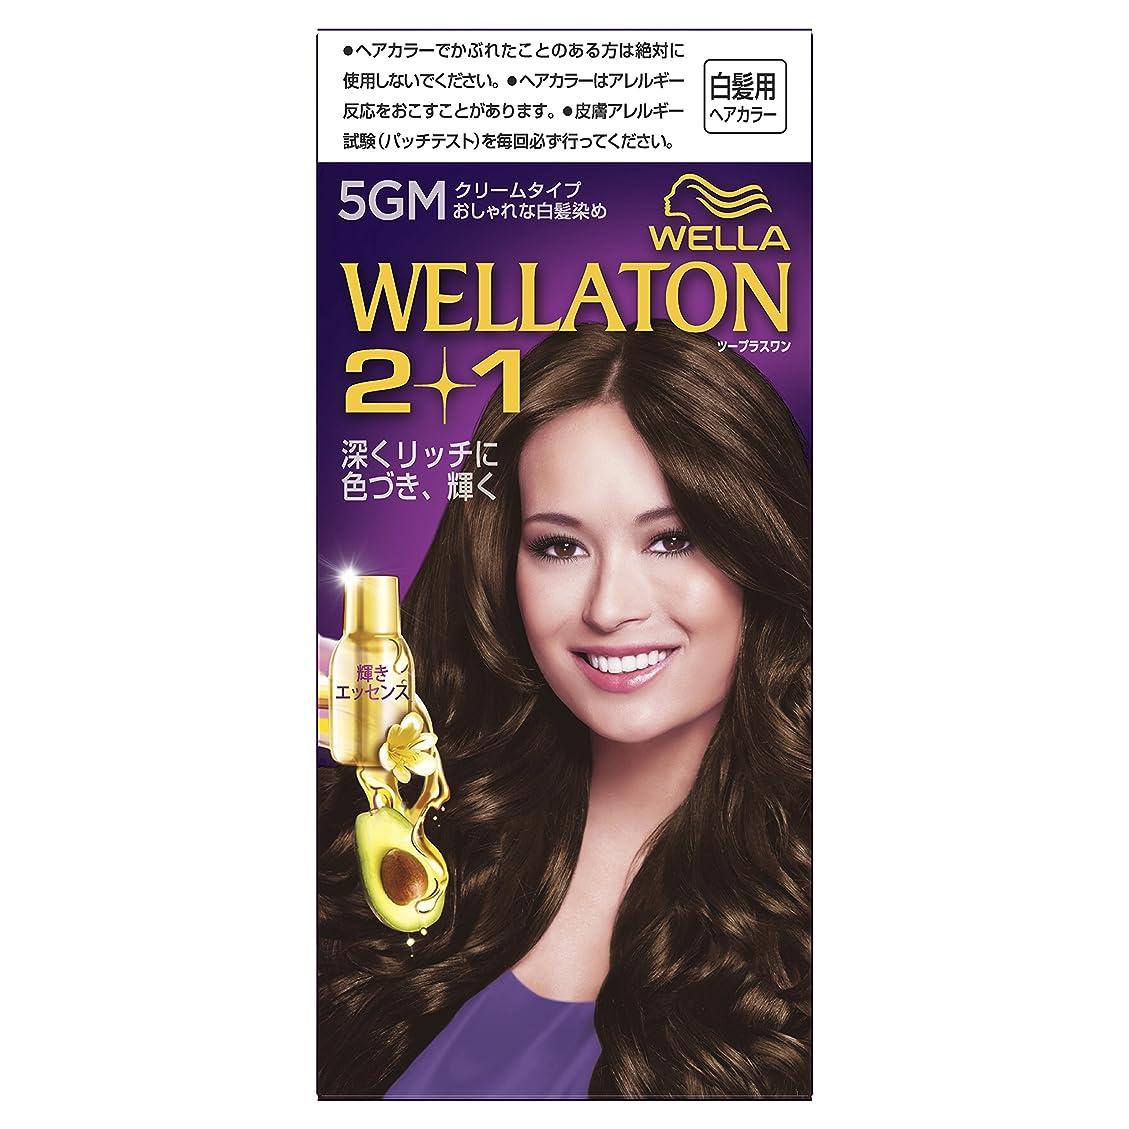 小道強風適用するウエラトーン2+1 クリームタイプ 5GM [医薬部外品](おしゃれな白髪染め)